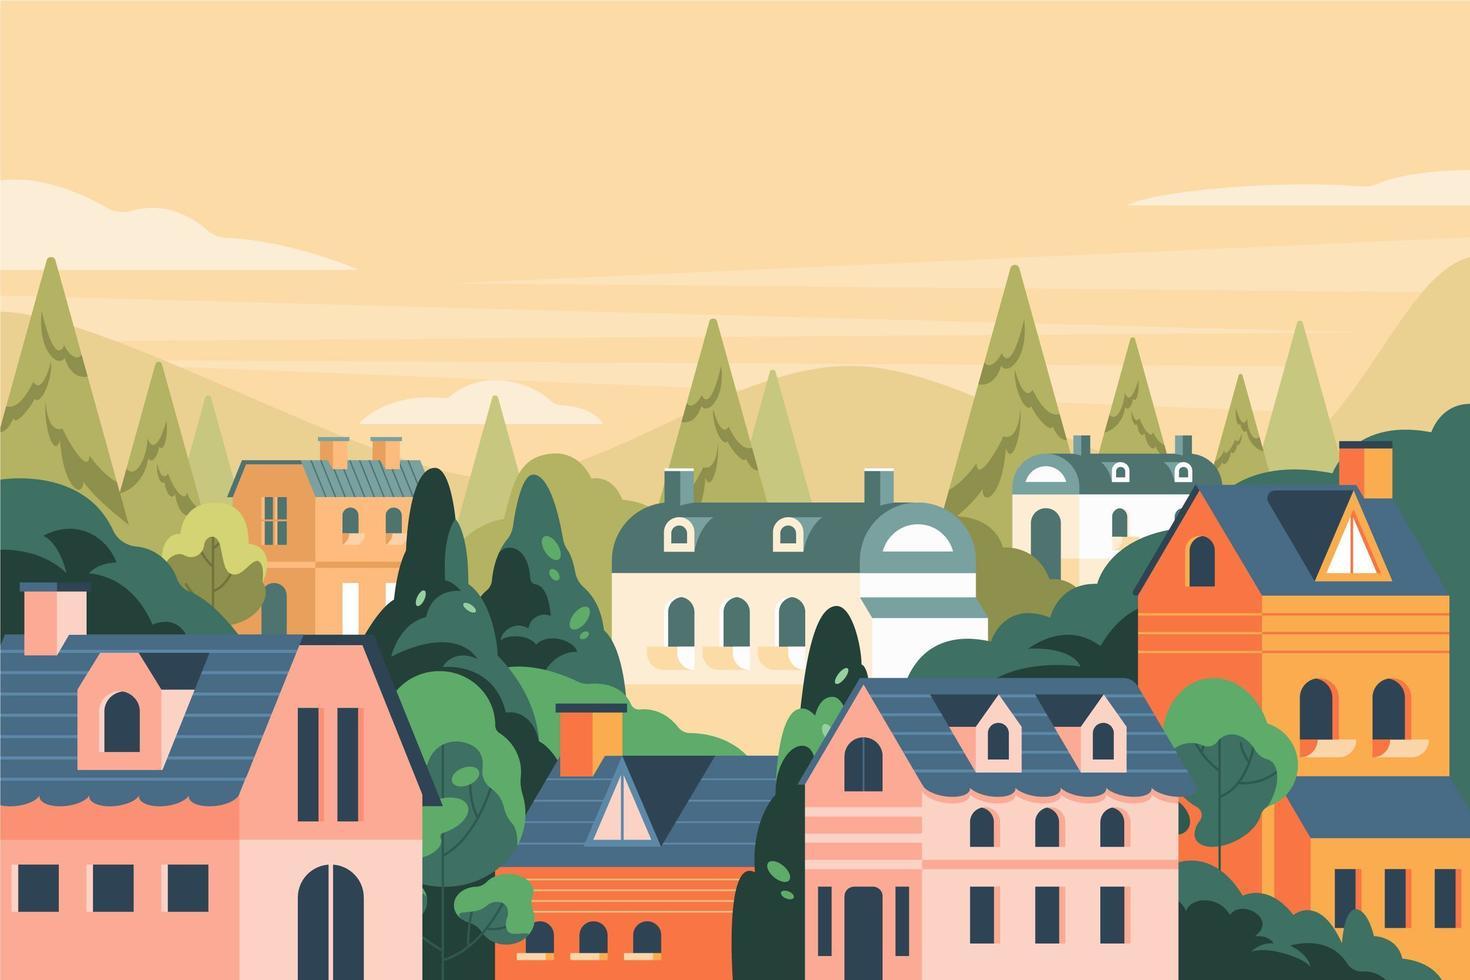 casa plana no fundo da paisagem da colina vetor